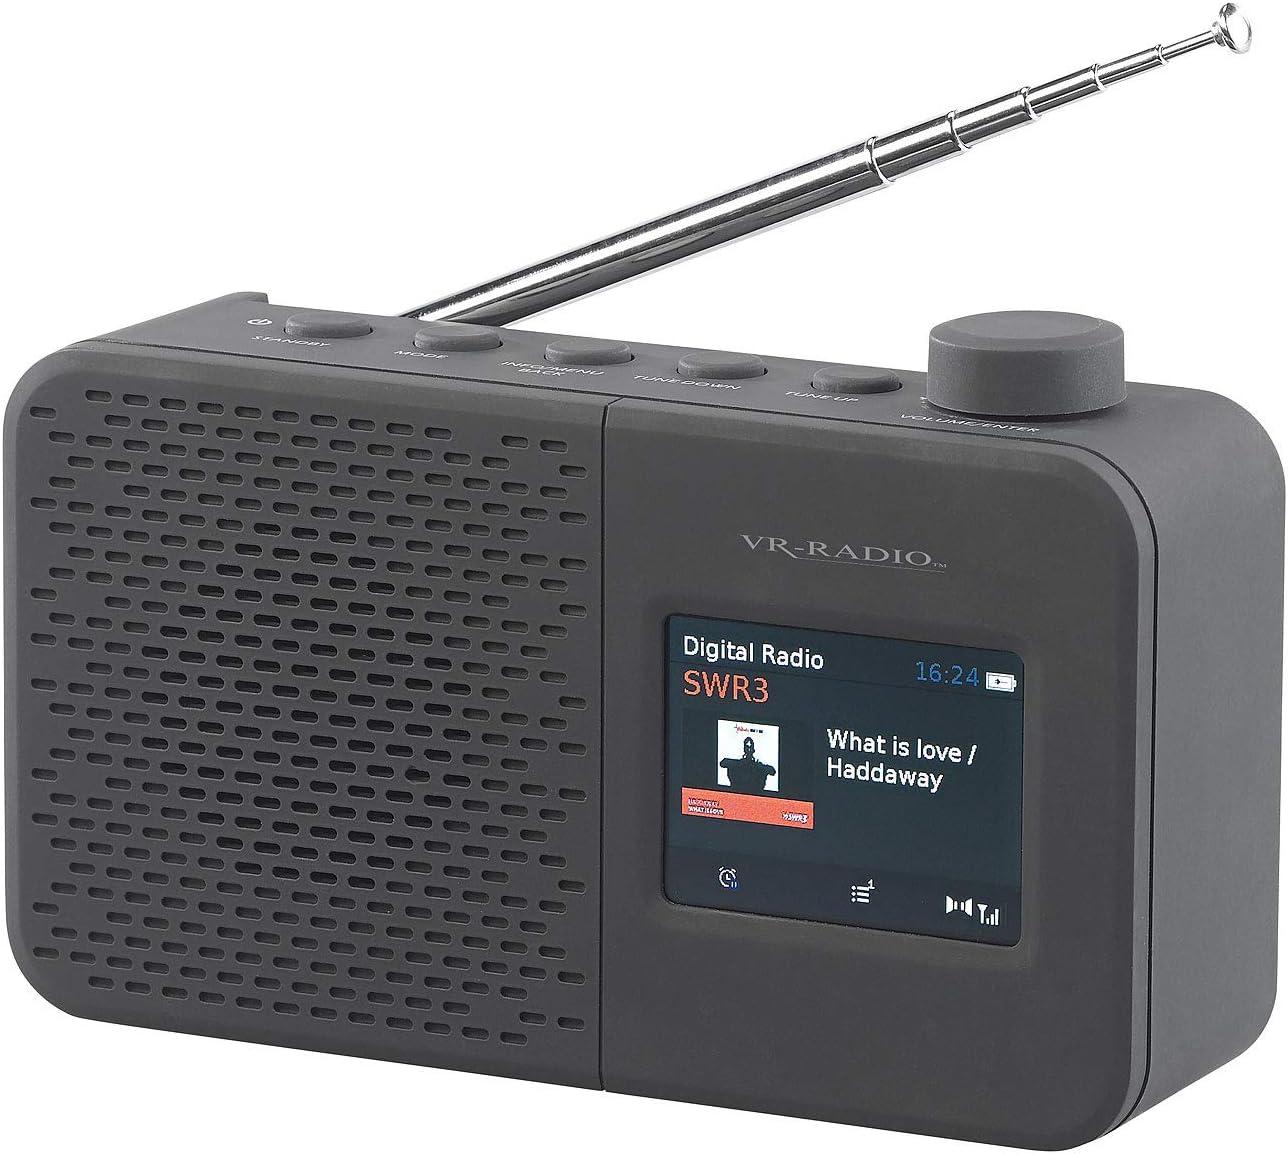 VR-Radio Radio para Maletero Digital portátil con batería Dab+/FM, RDS,  Temporizador, Despertador, Pantalla a Color (Radio Dab FM).